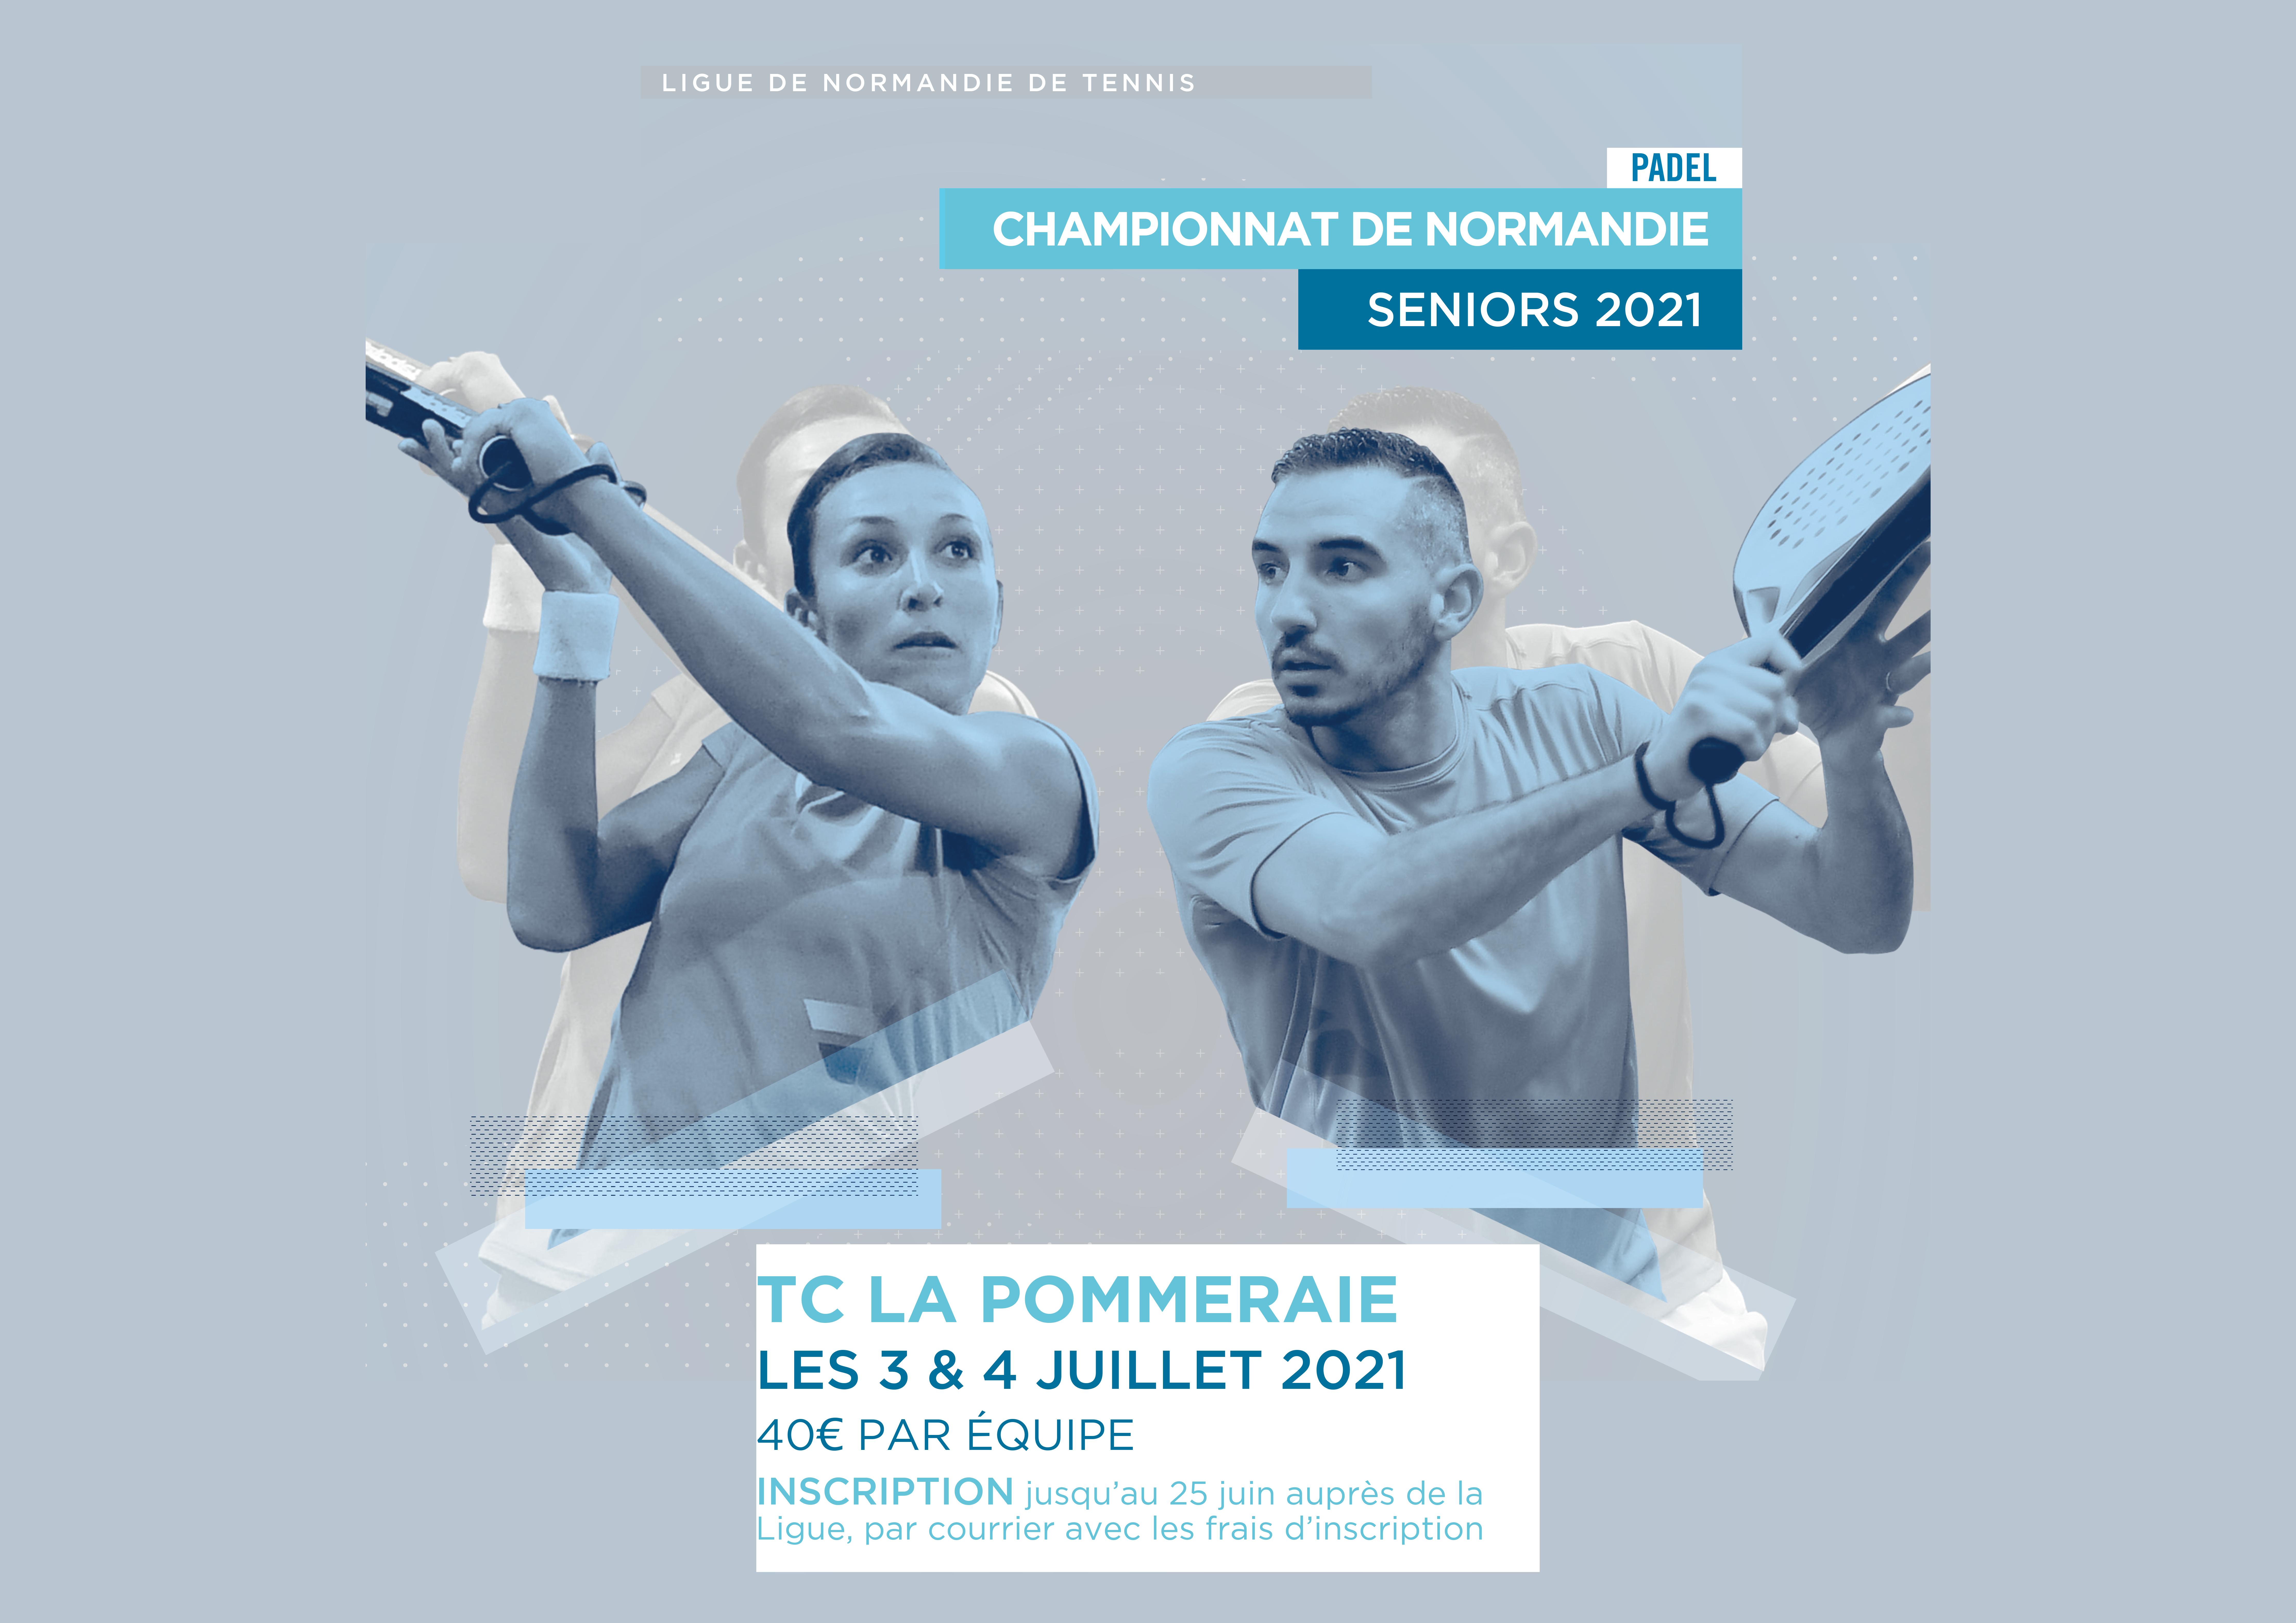 Campionati di Normandia Padel - dal 3 al 4 luglio 2021